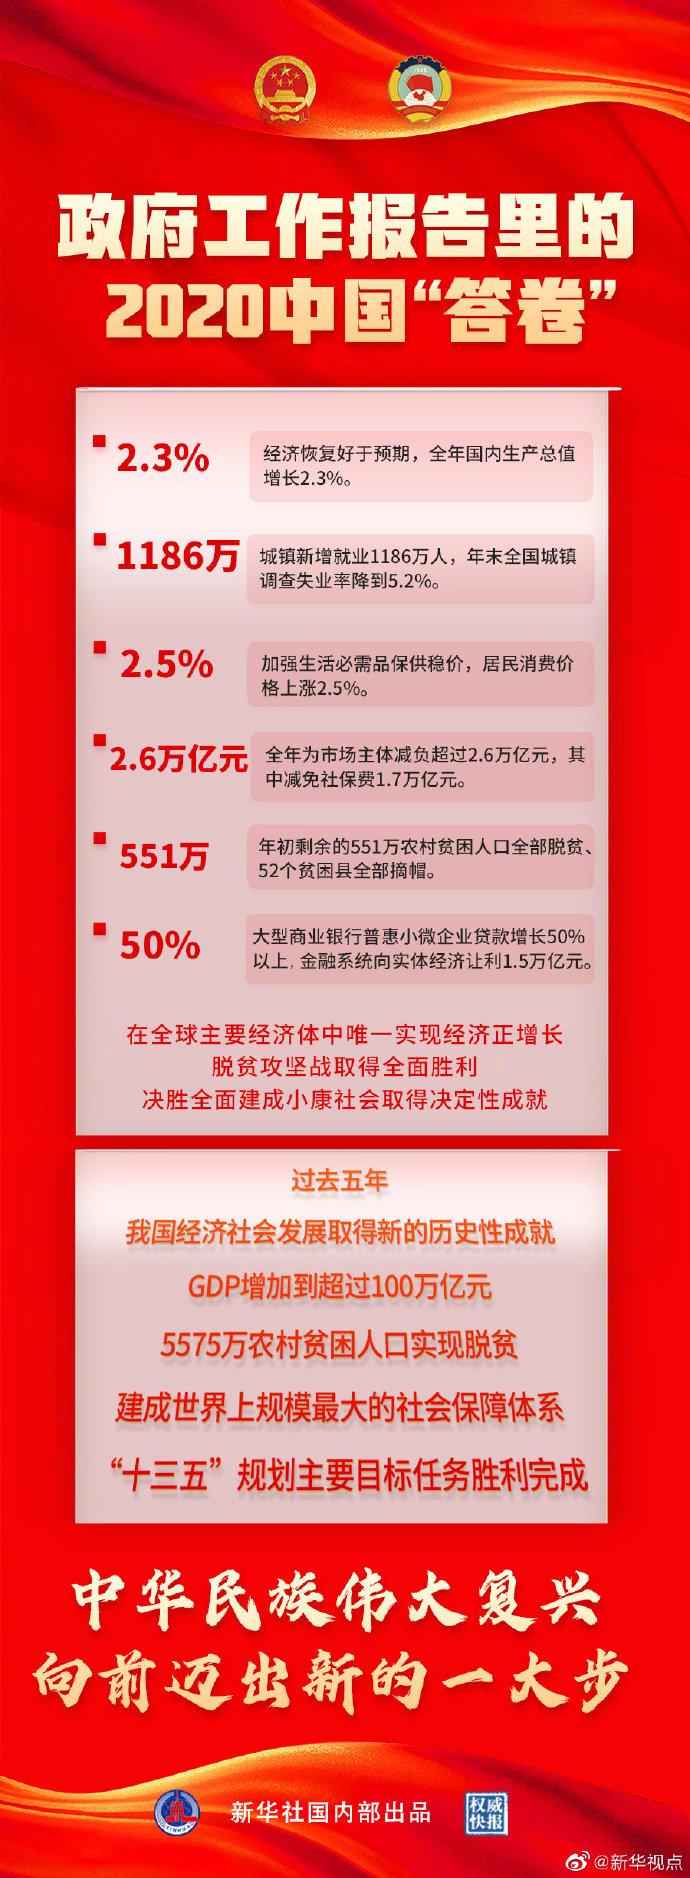 图解|政府工作报告里的2020中国答卷